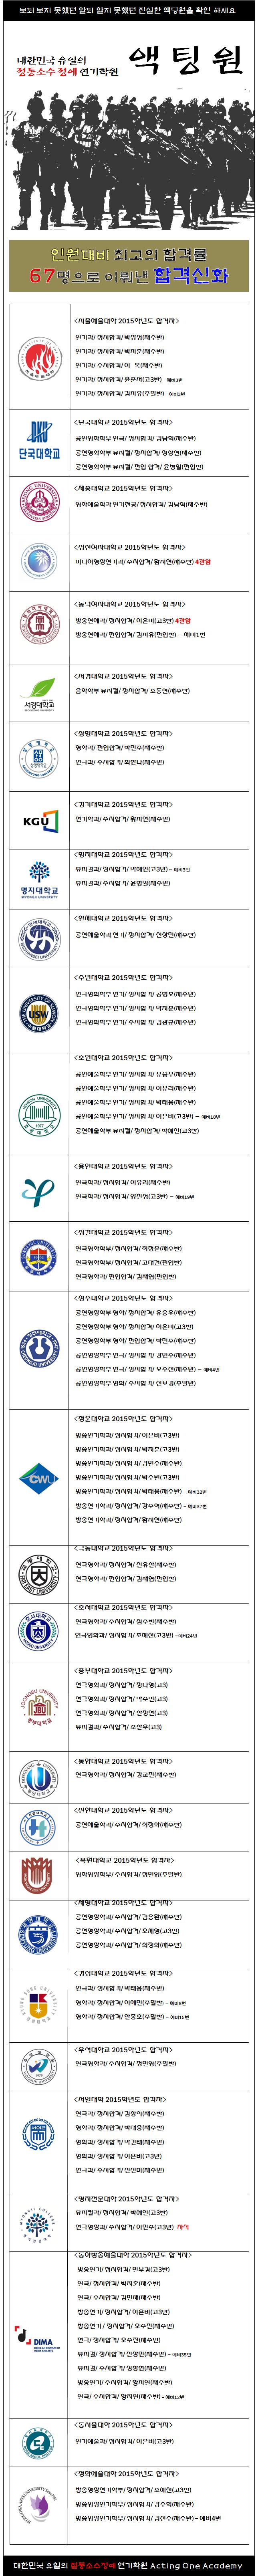 2015학년도 액팅원 최종합격자들.png